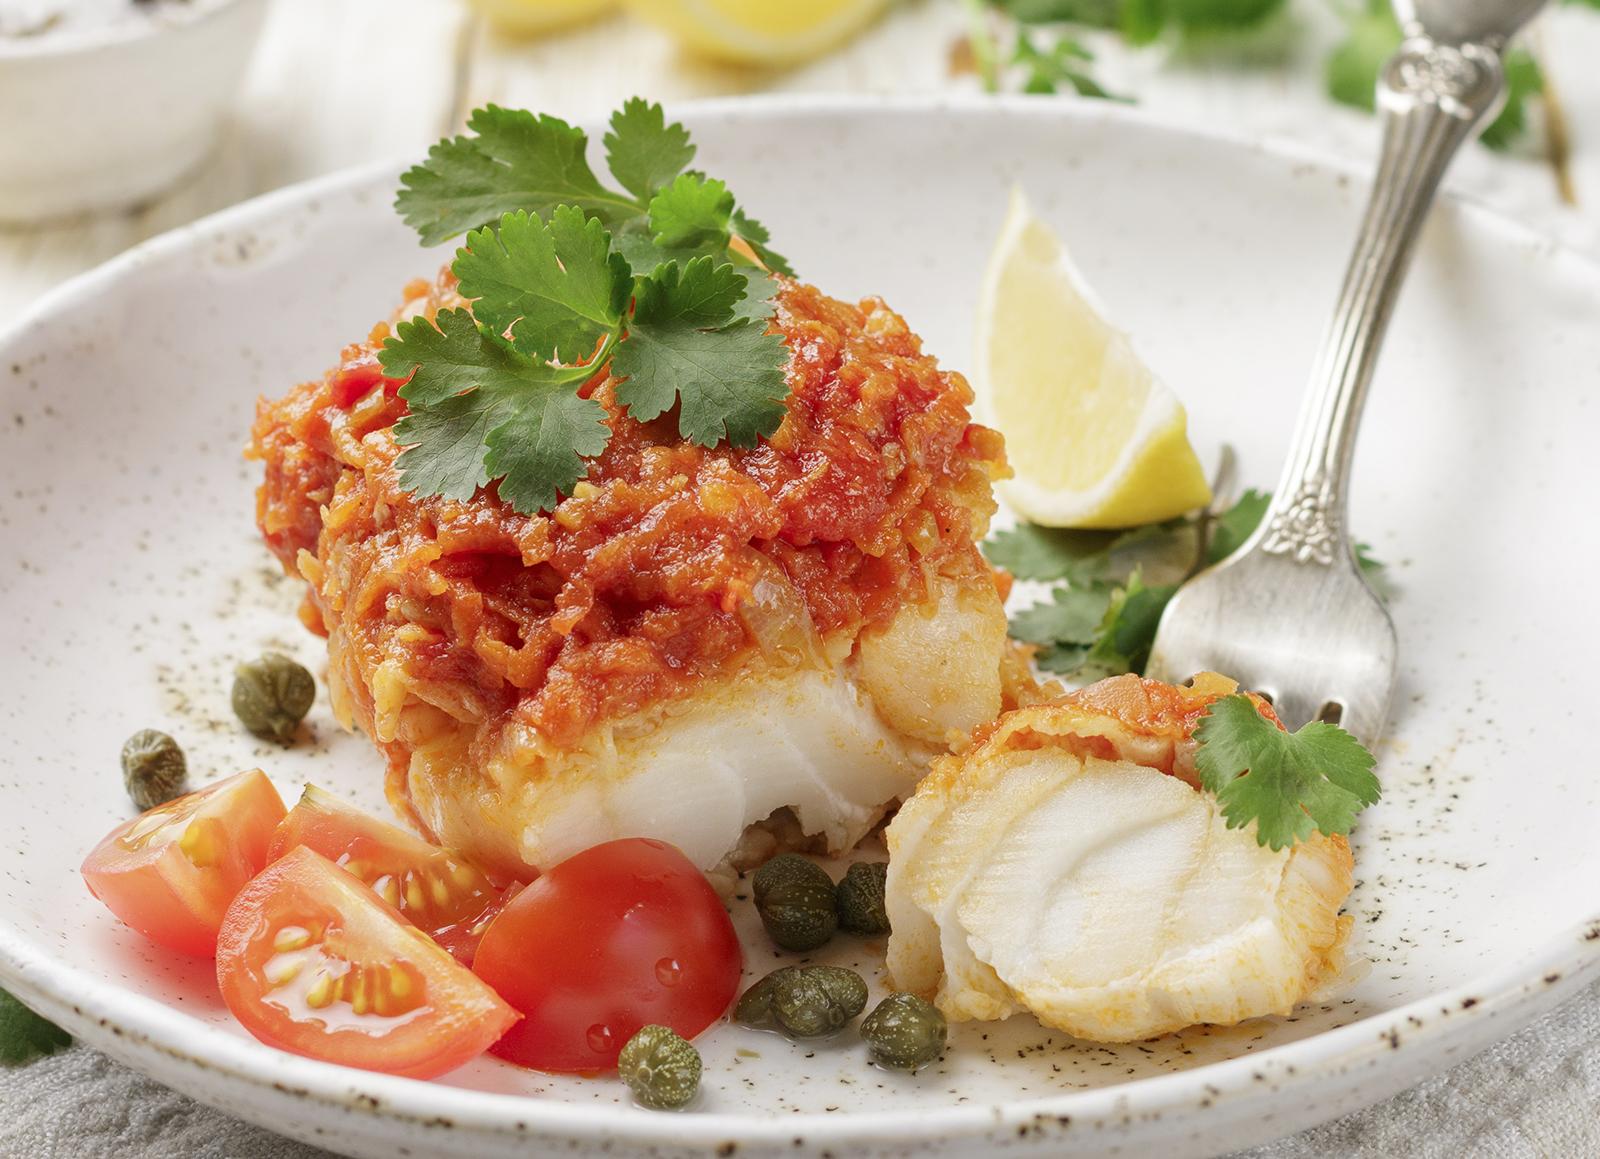 Receta: Tacos de merluza con tomate